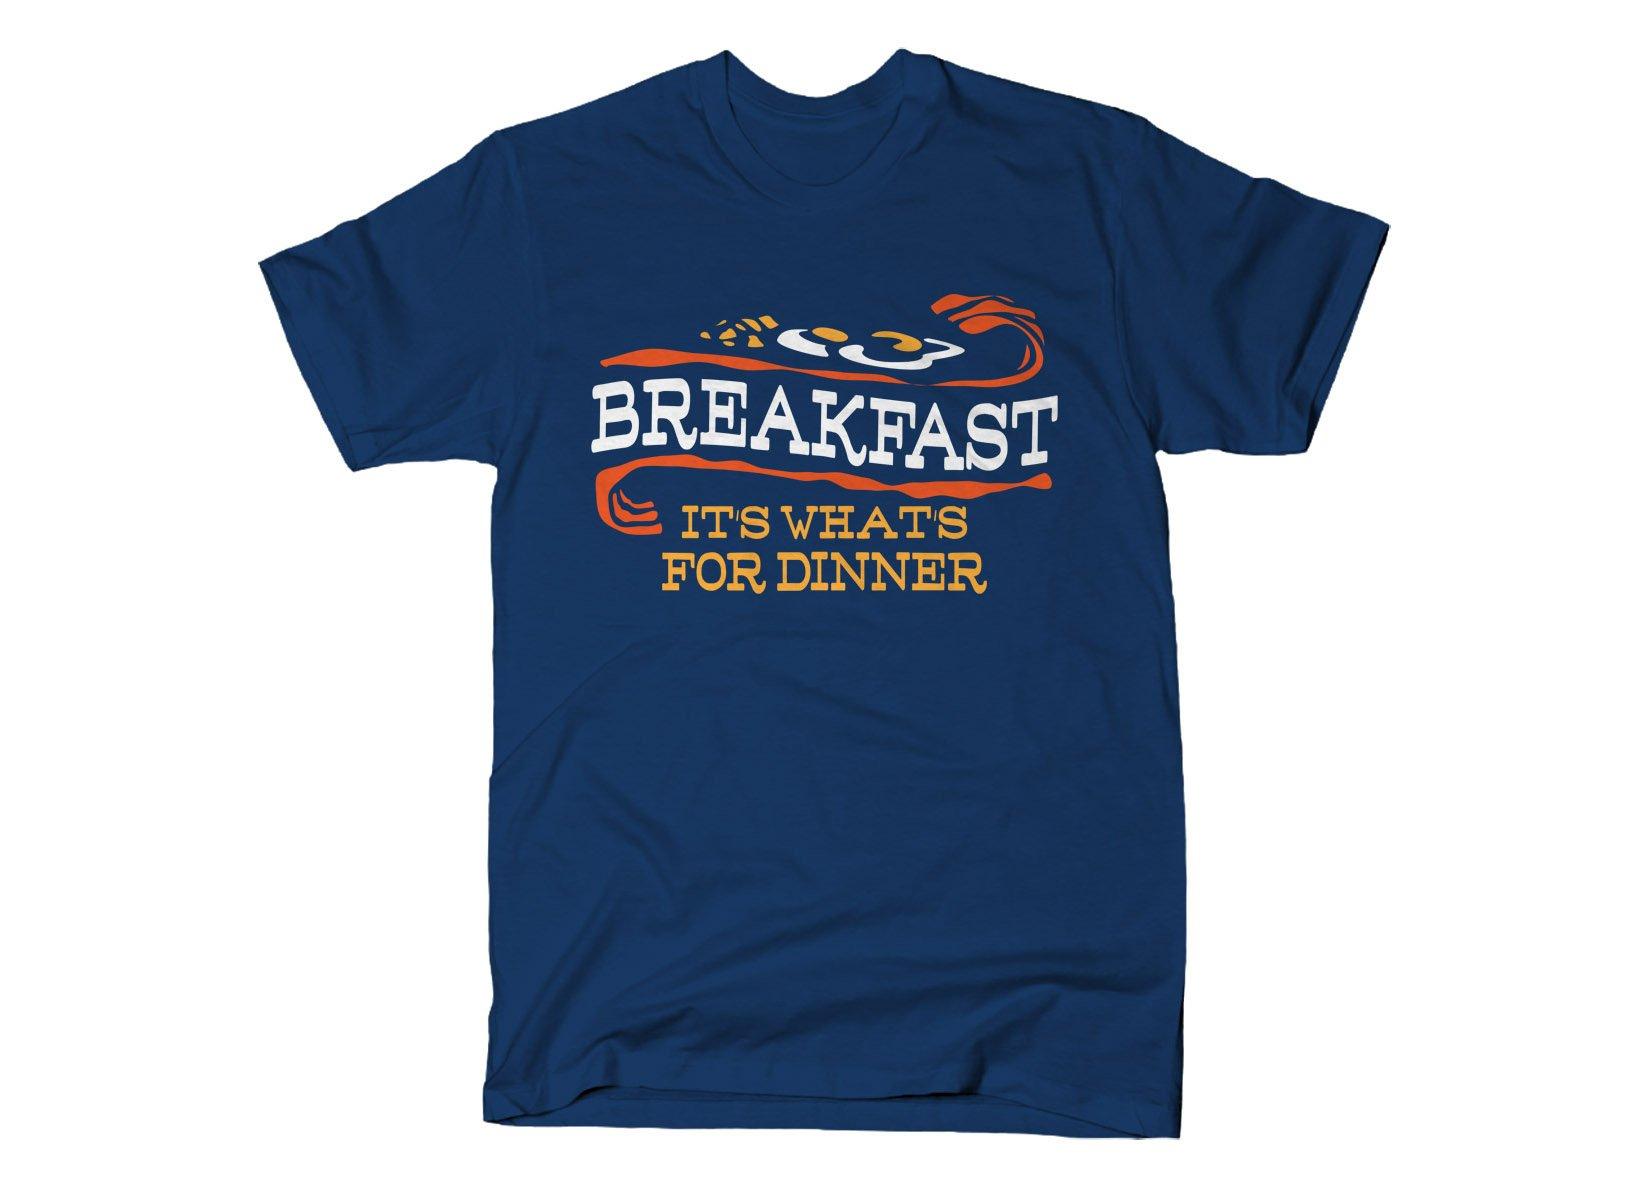 Breakfast, It's What's For Dinner on Mens T-Shirt